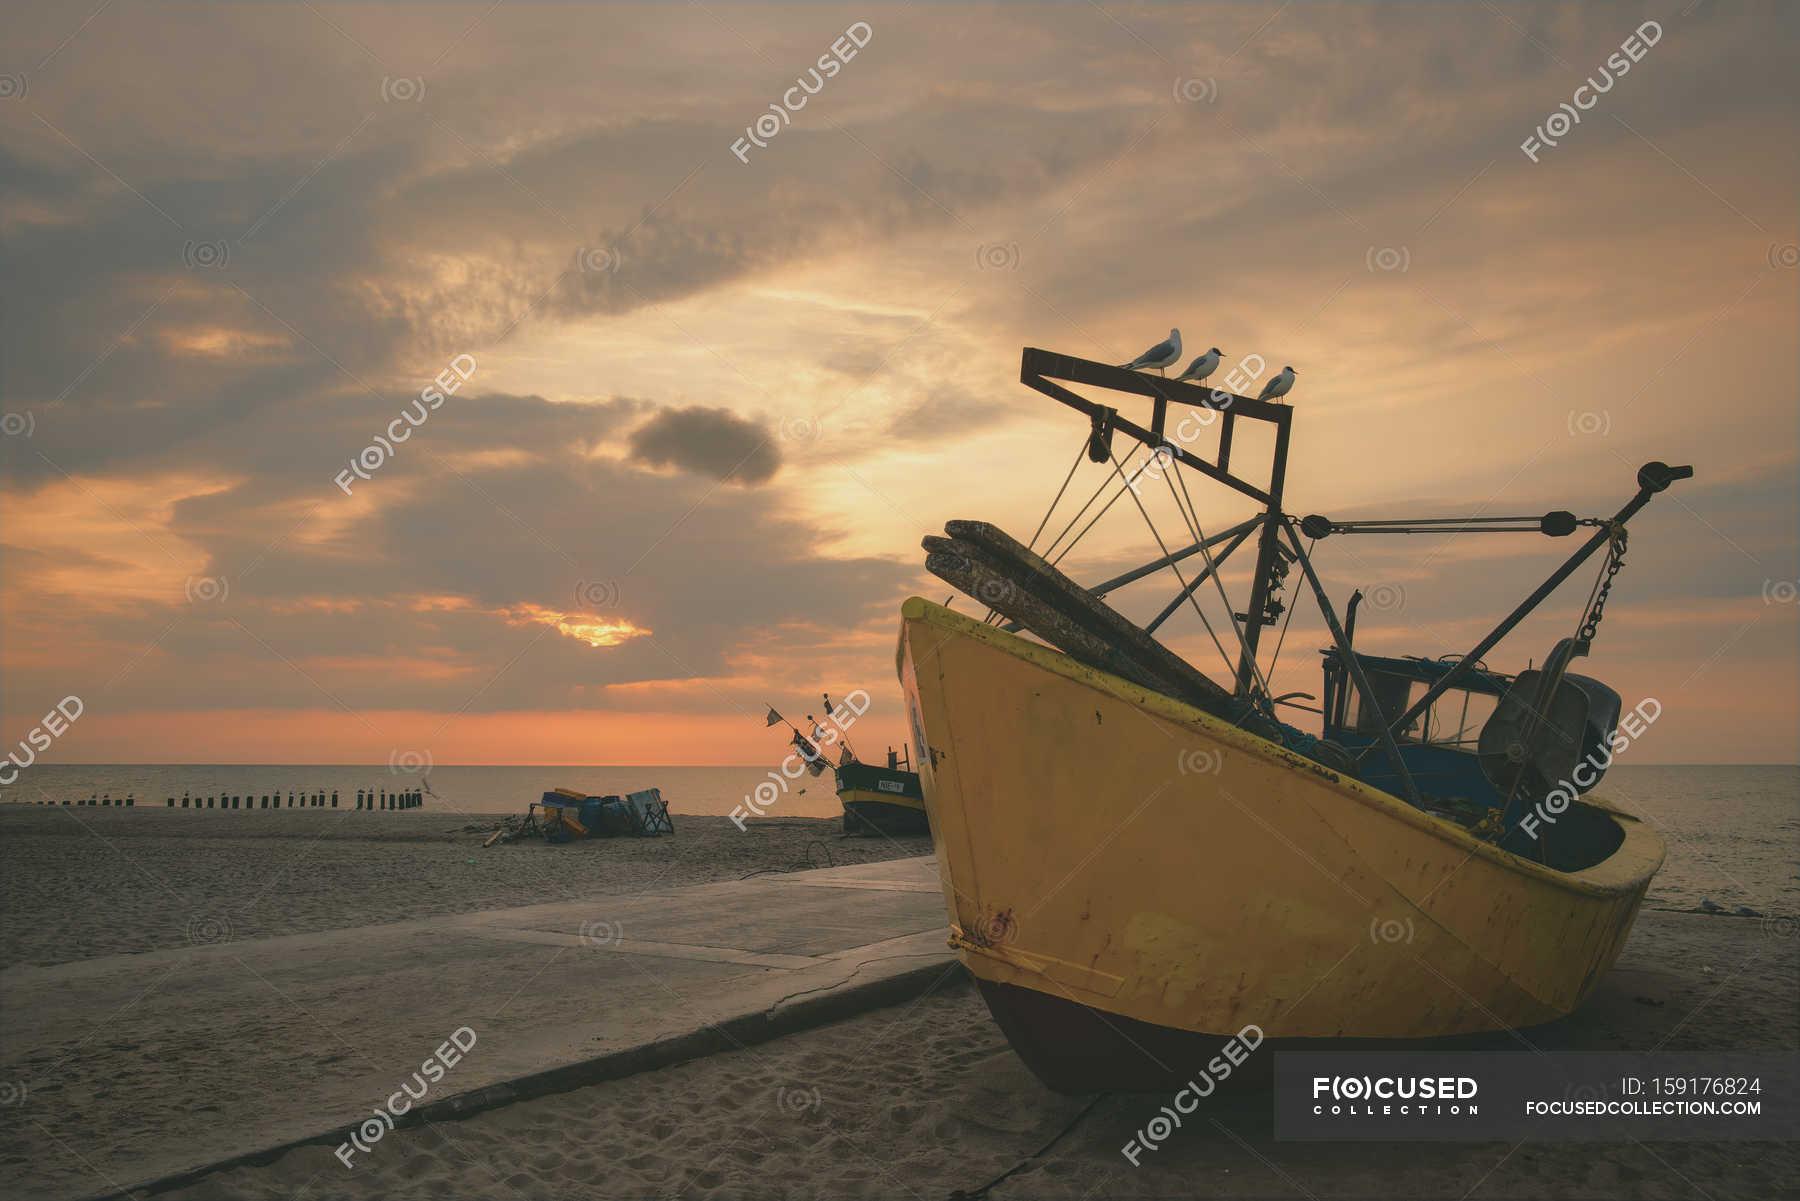 Heure du coucher du soleil sur la plage avec le bateau jaune photo 159176824 - Heures coucher du soleil ...